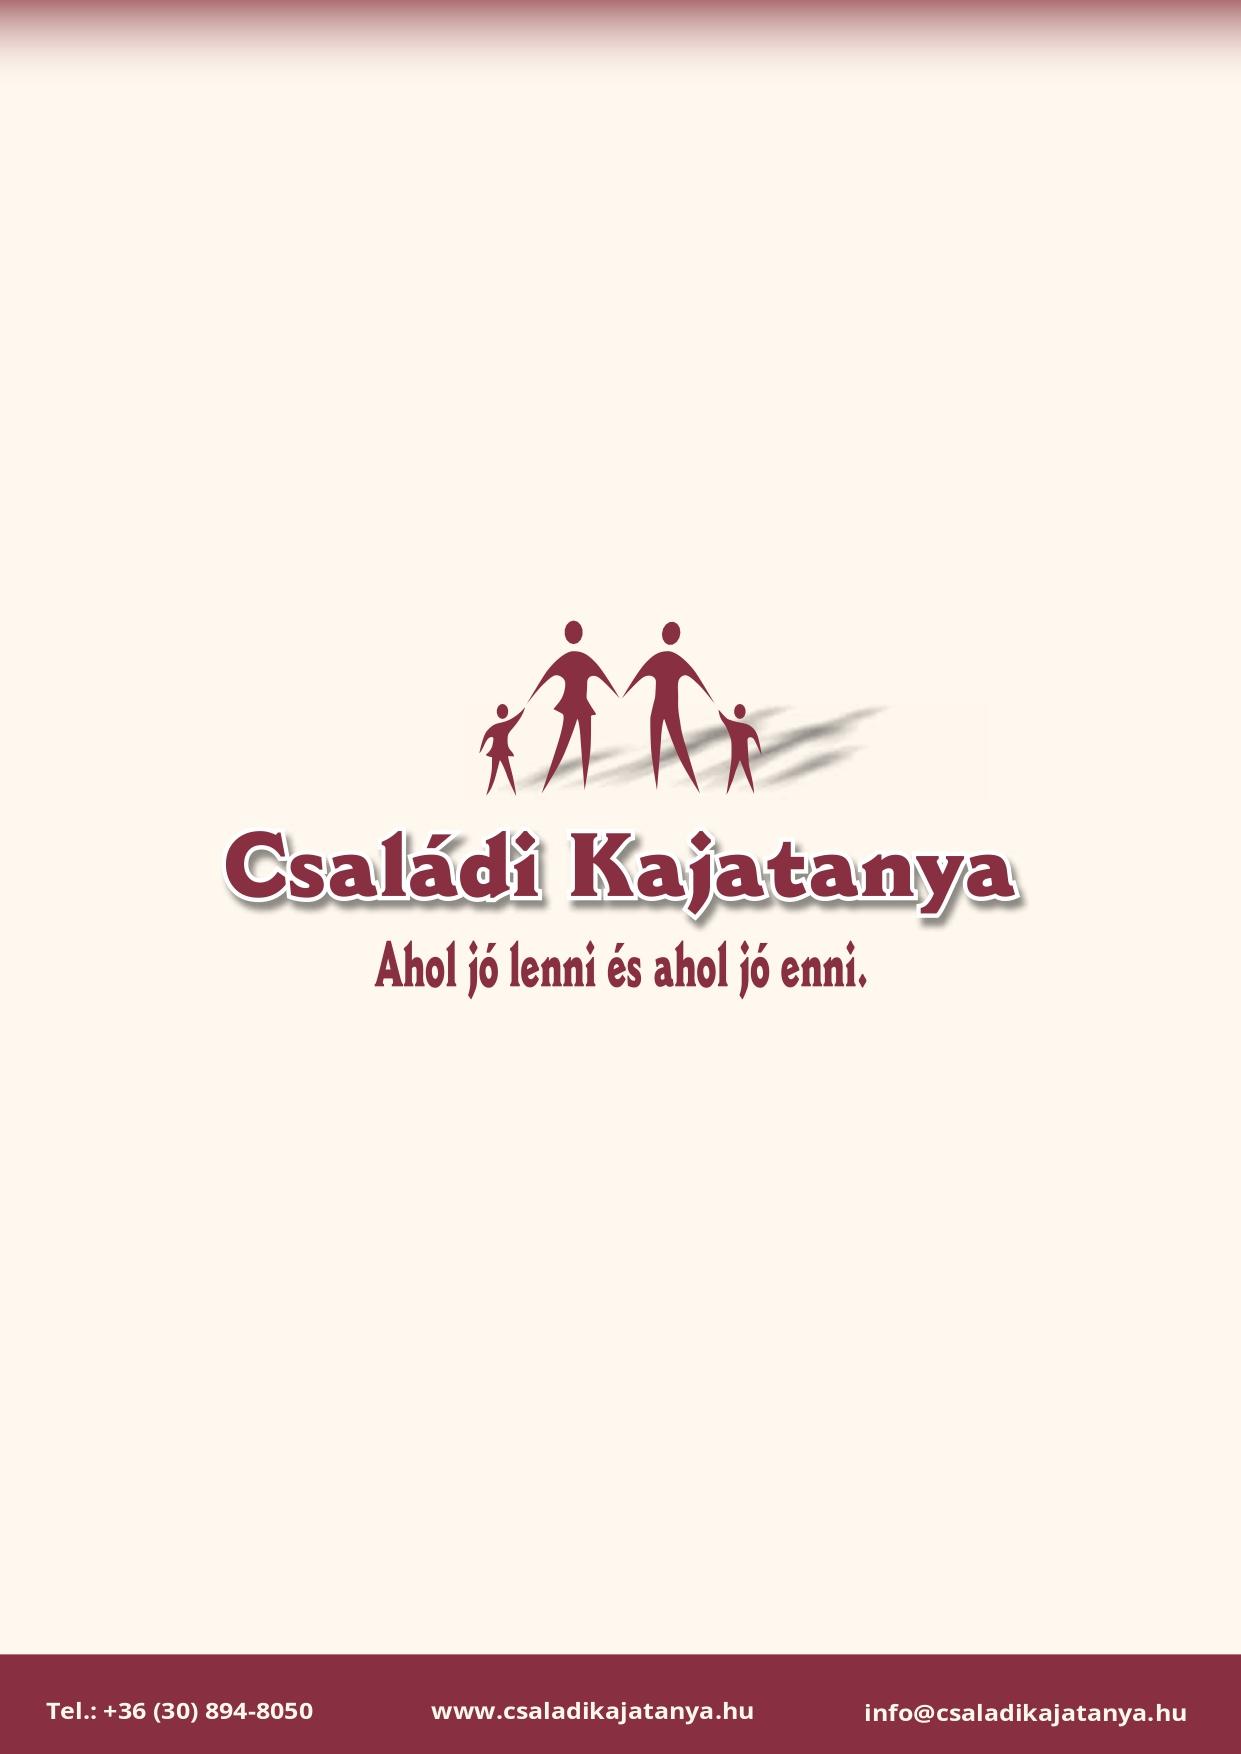 www.csaladikajatanya.hu